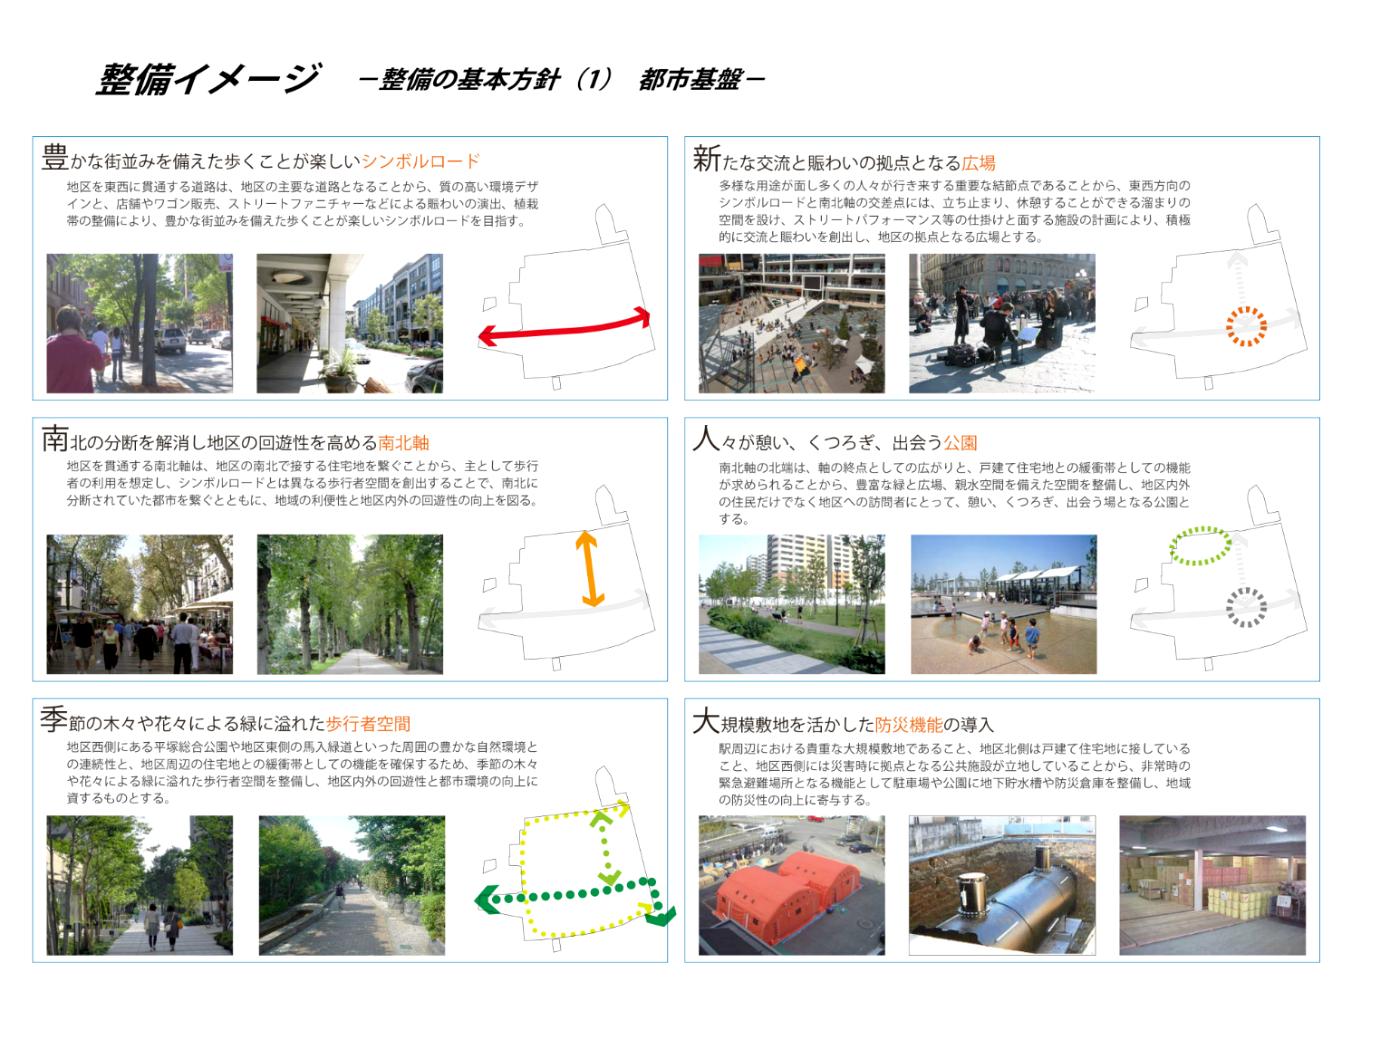 日産湘南工場都市計画提案